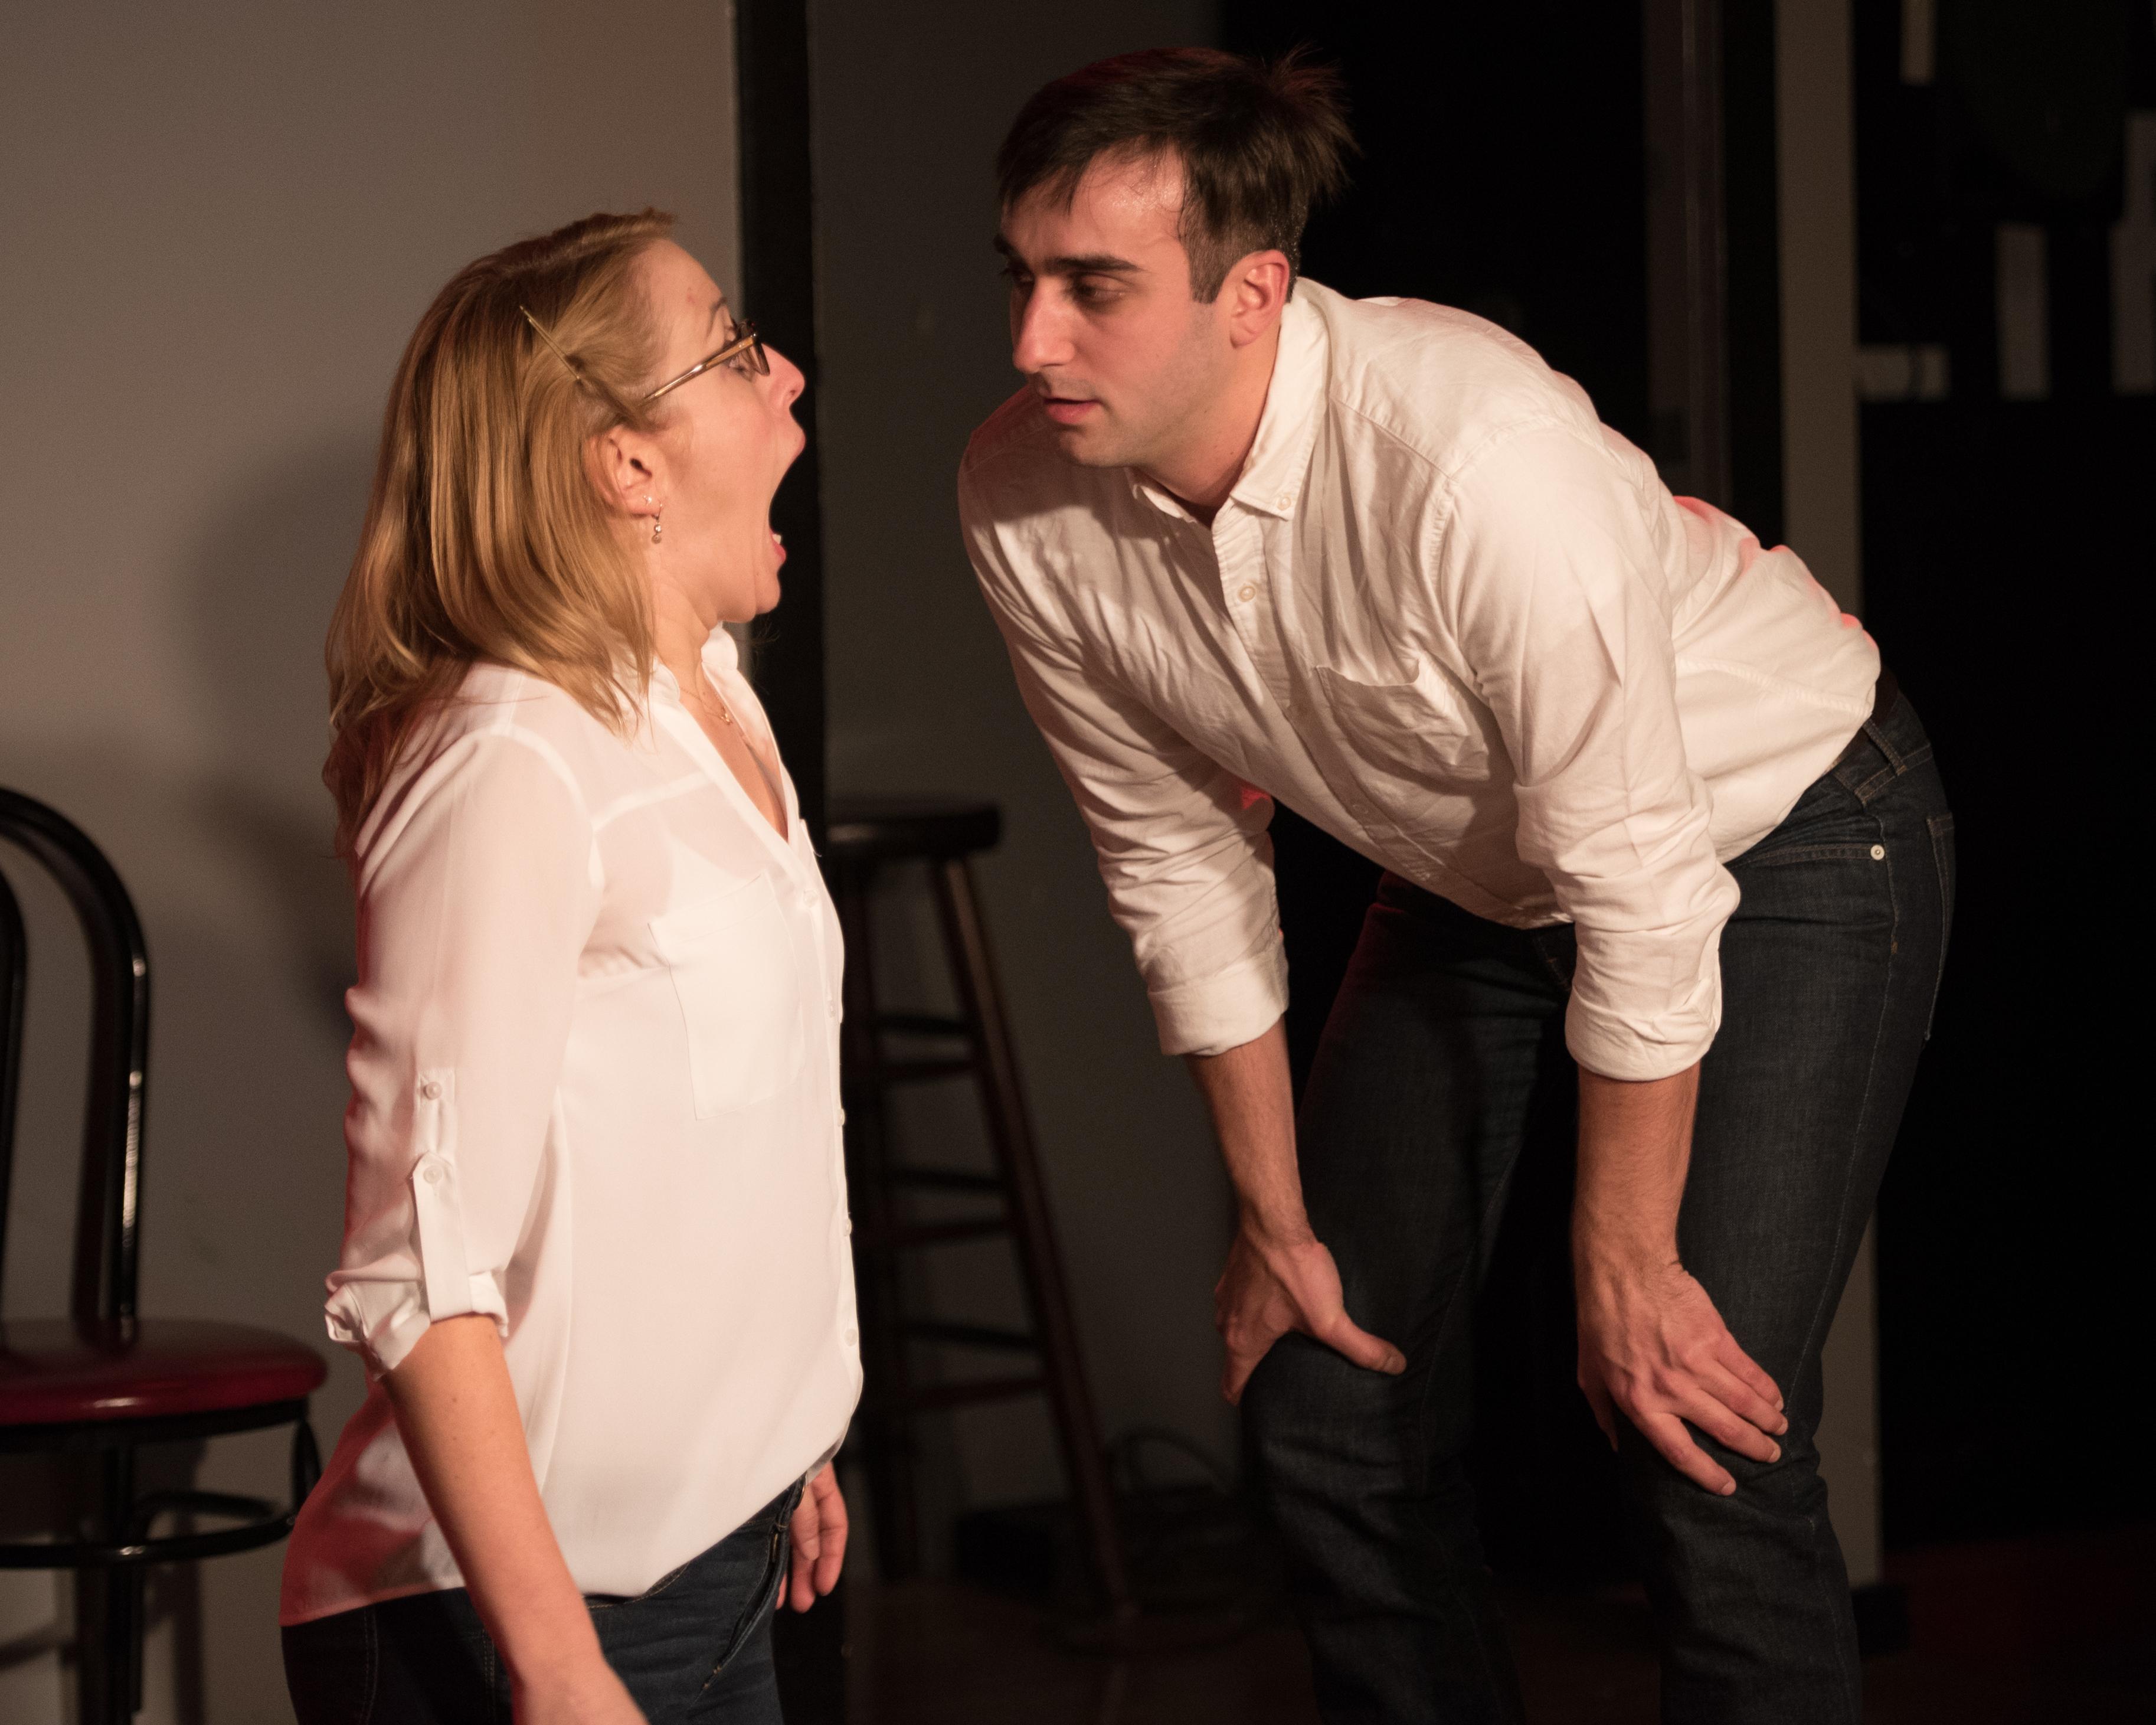 pc: TheatrePhotoGuy